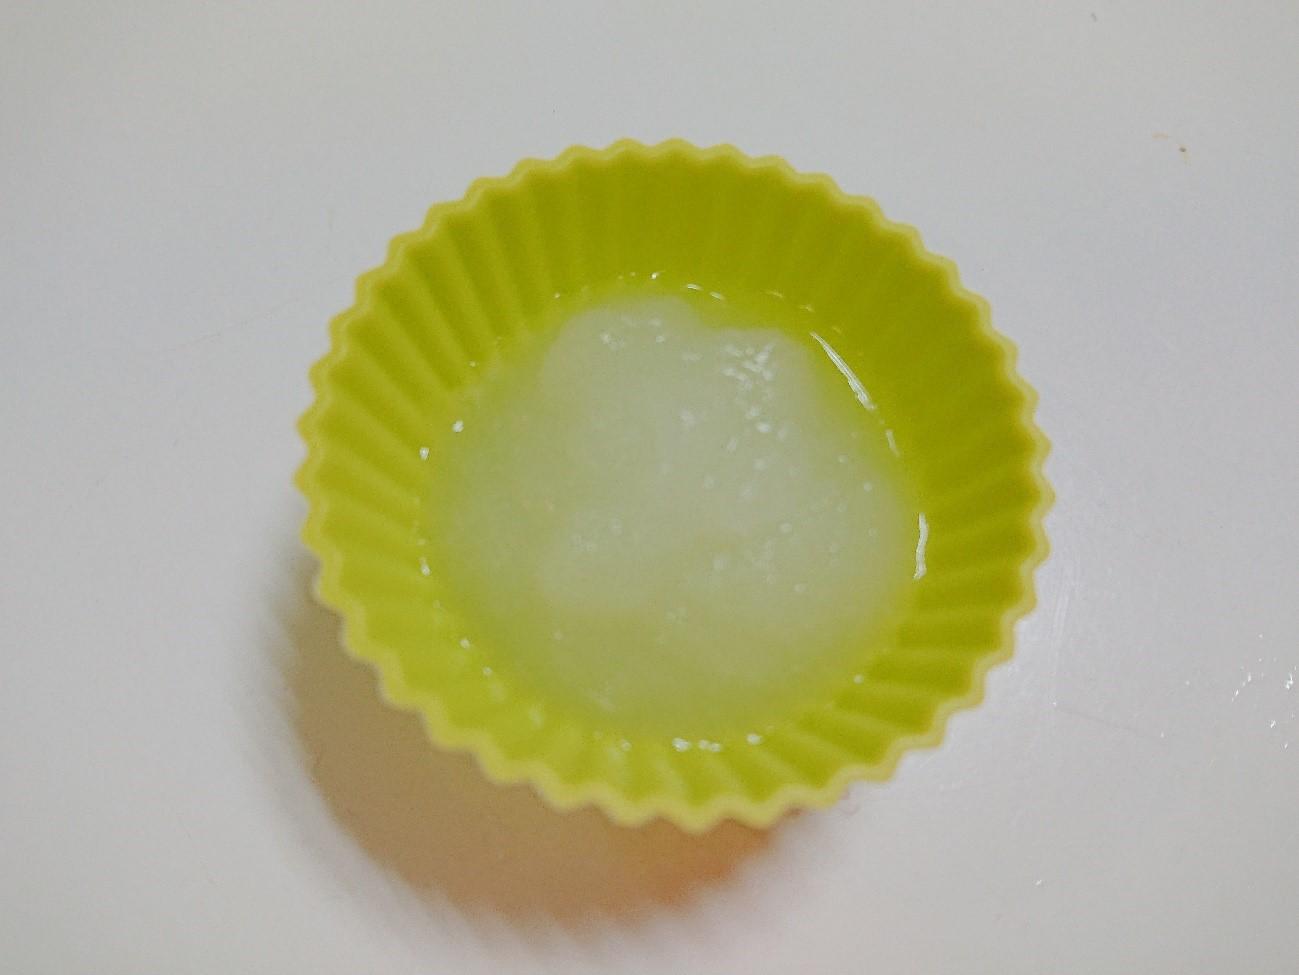 シリコンカップで玉ねぎペースト冷凍